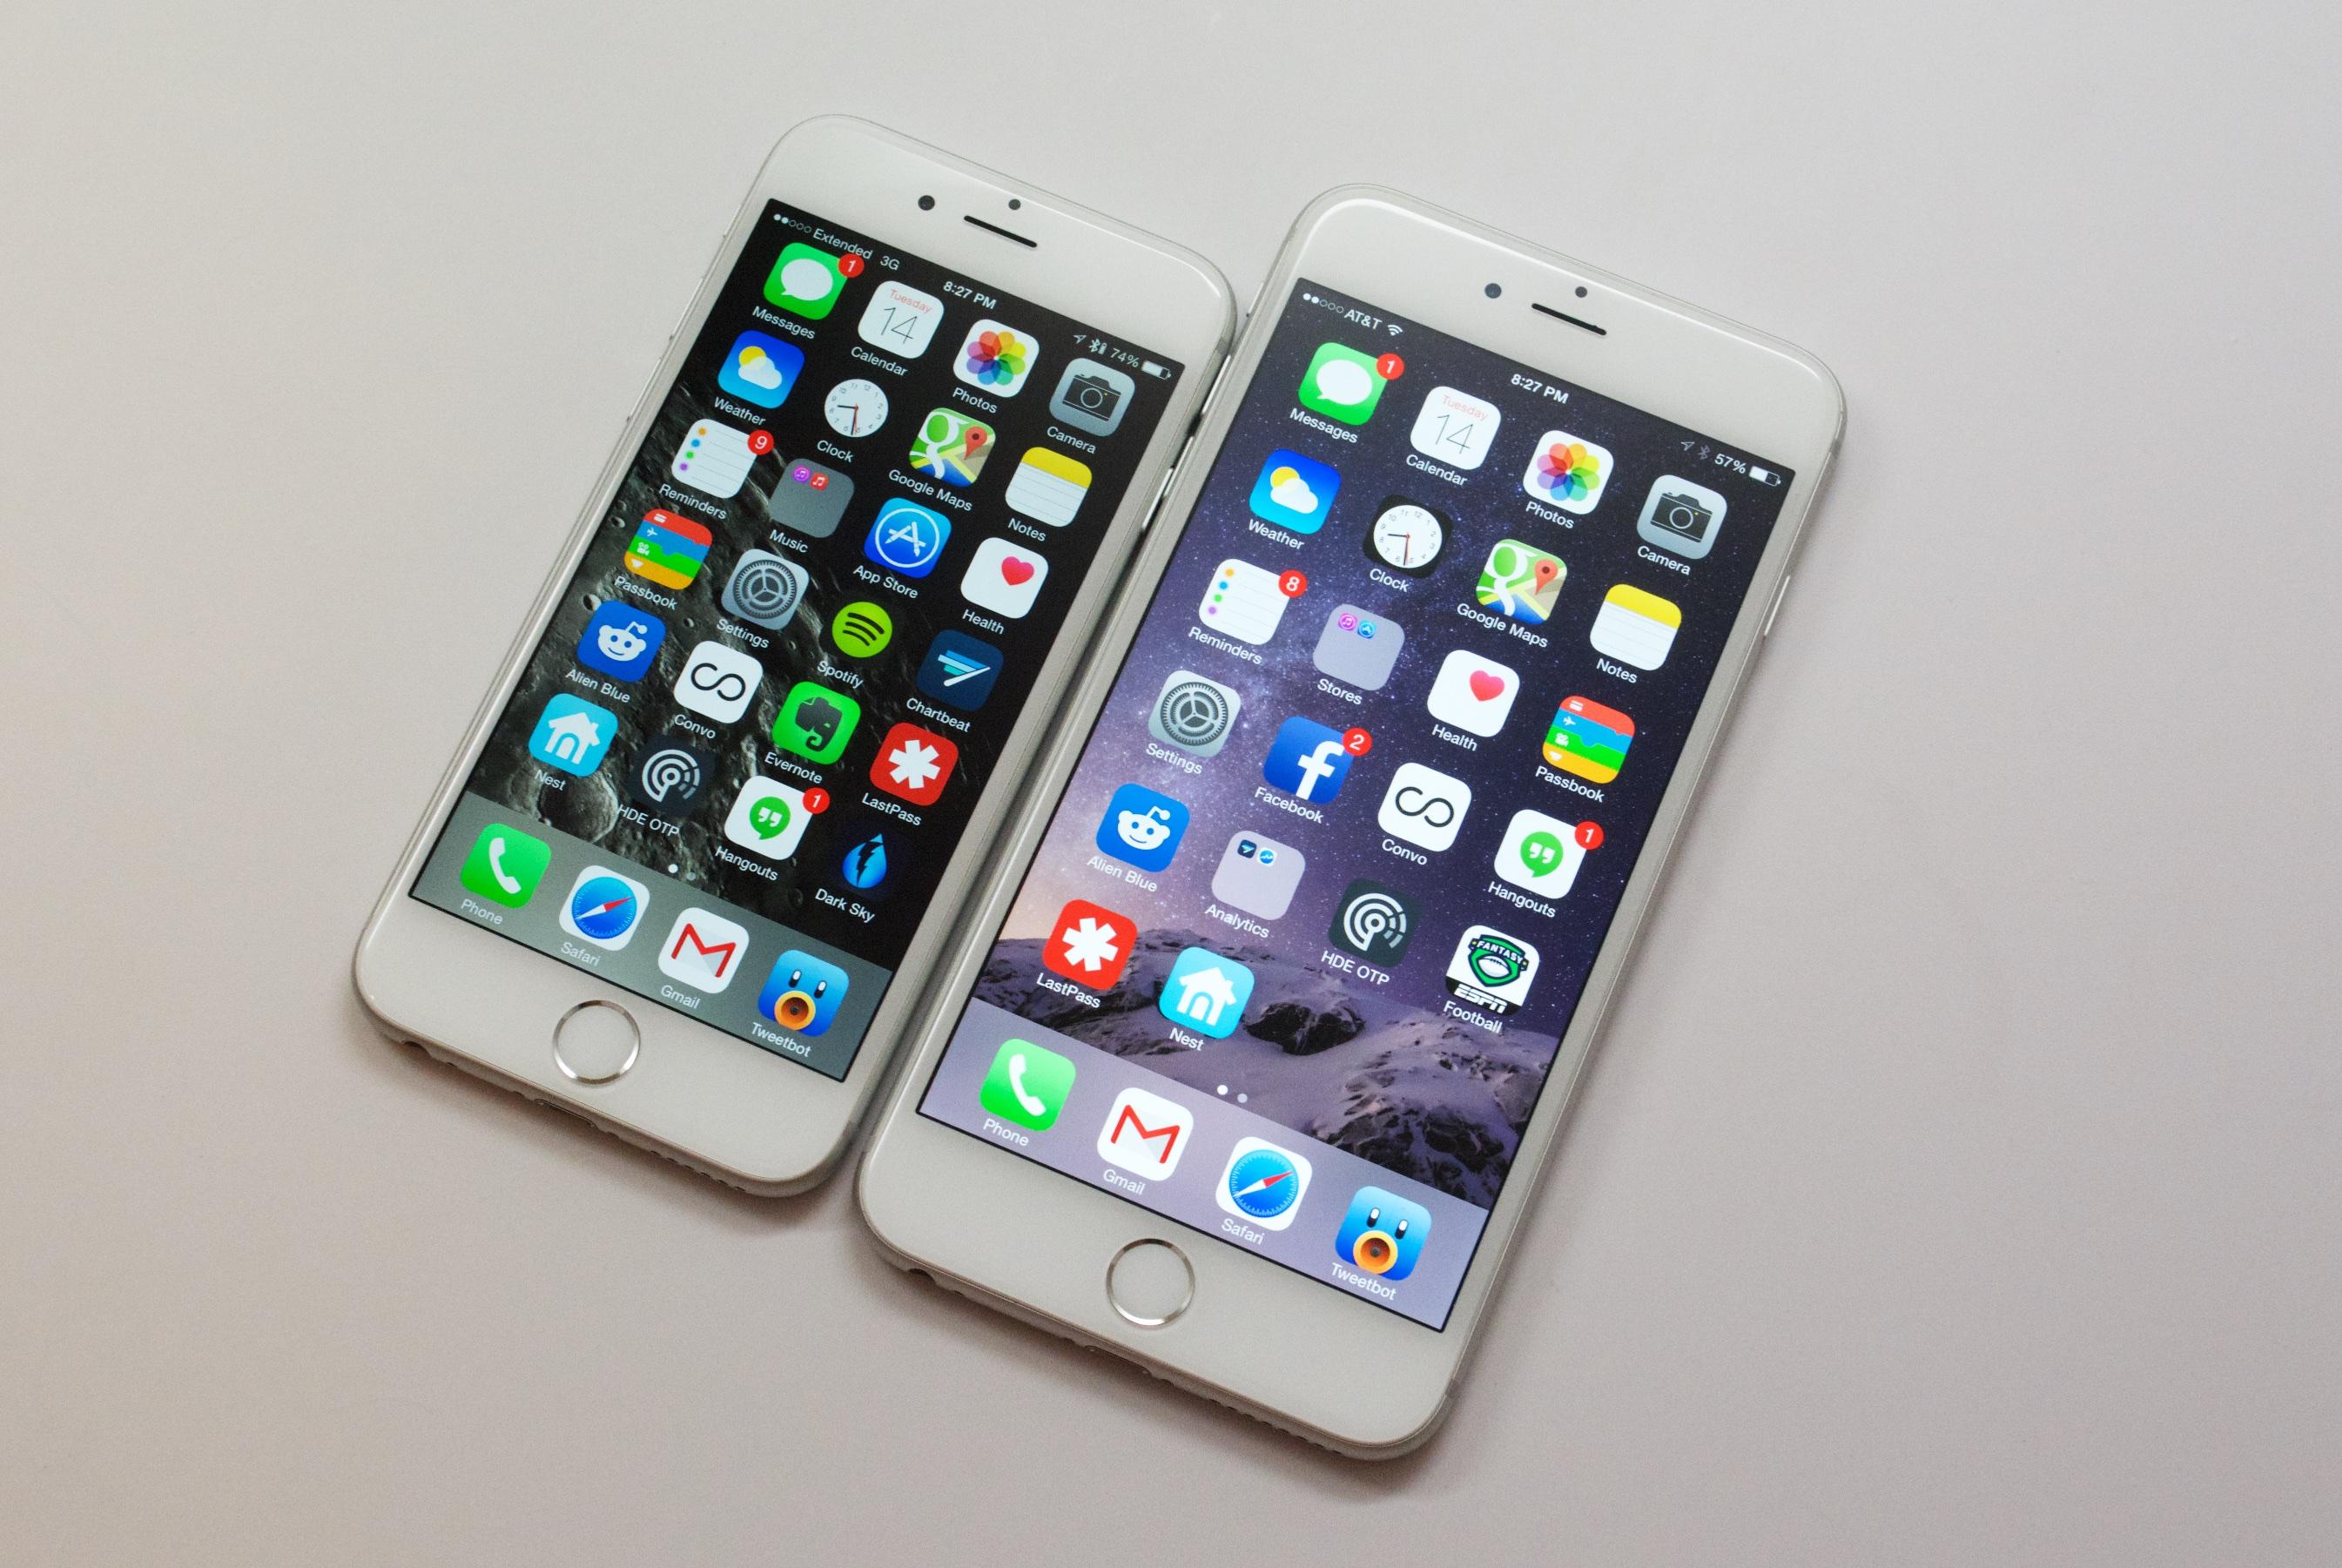 Uppdatering av iPhone 6 Plus iOS 8.4.1 - 9